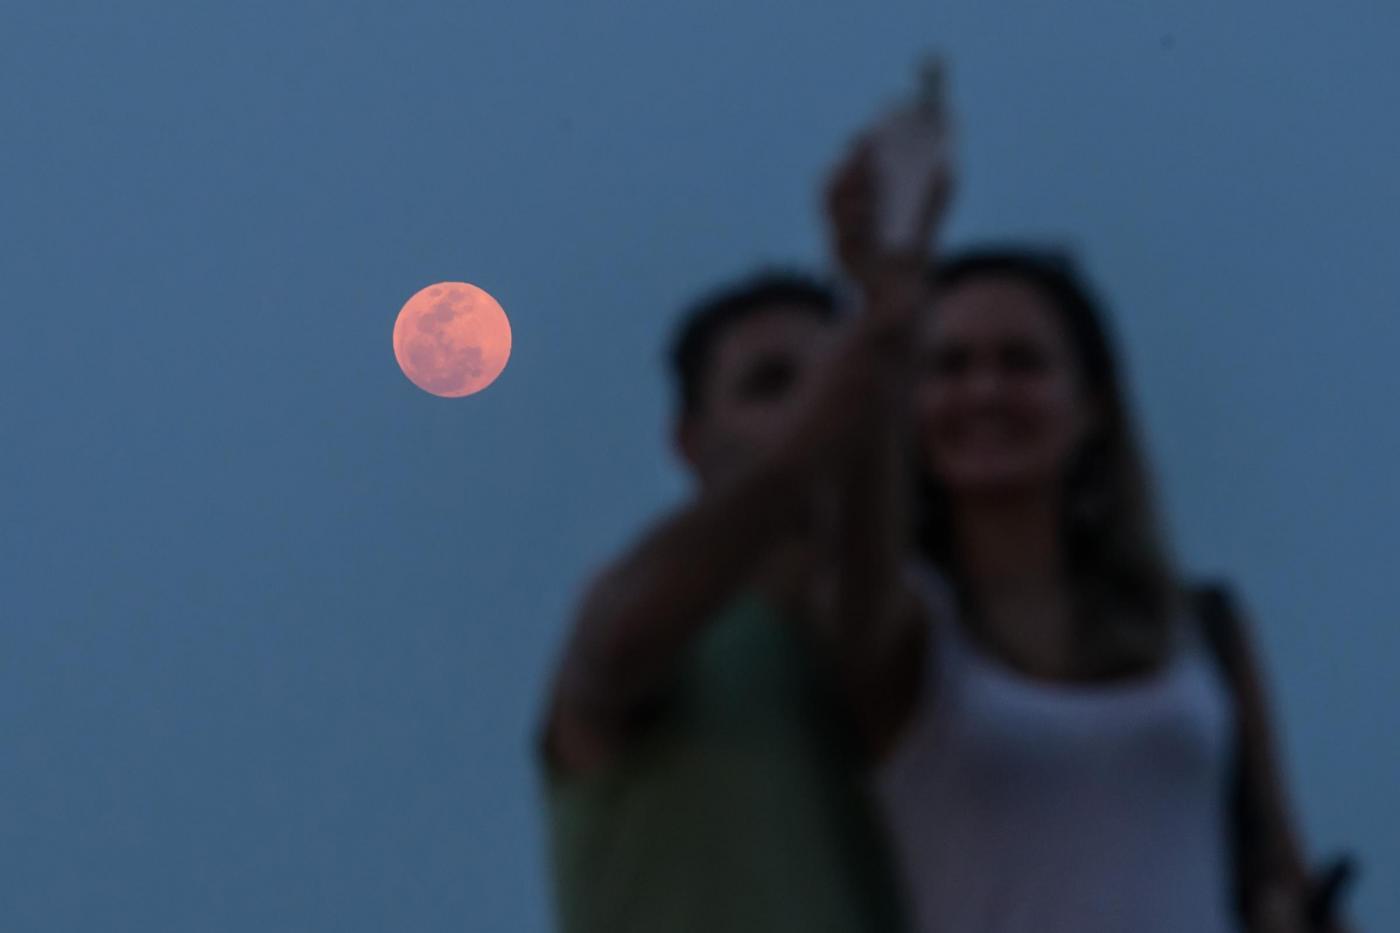 Solstizio d'estate e luna di fragola: la rara coincidenza dopo quasi 50 anni